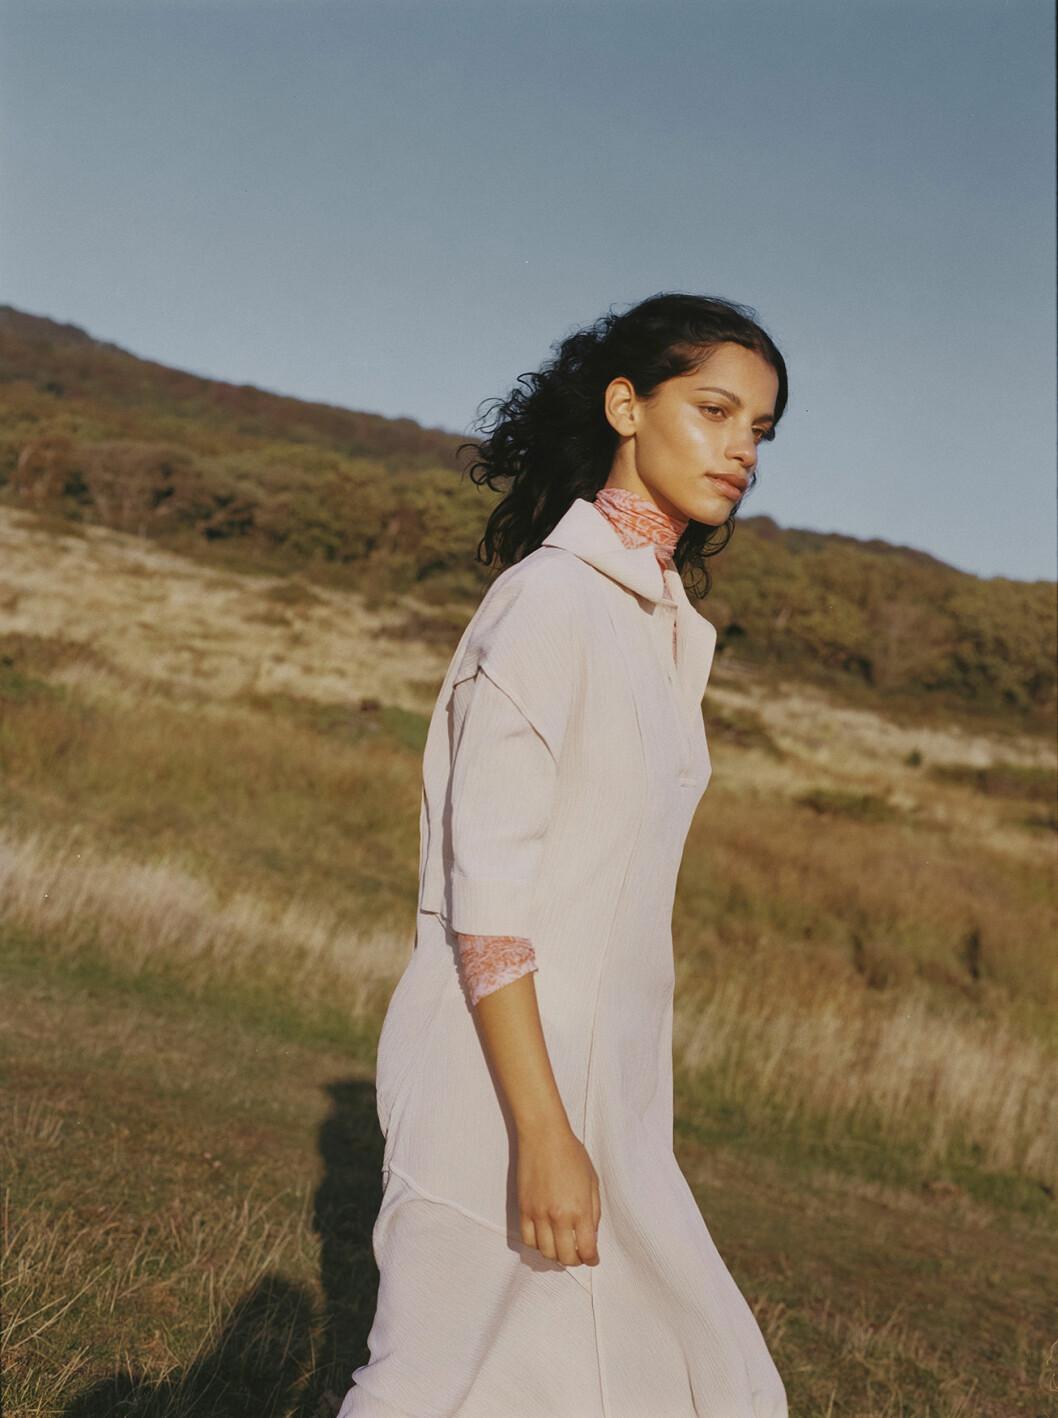 Modellen har på sig en vit klänning från Acne Studios